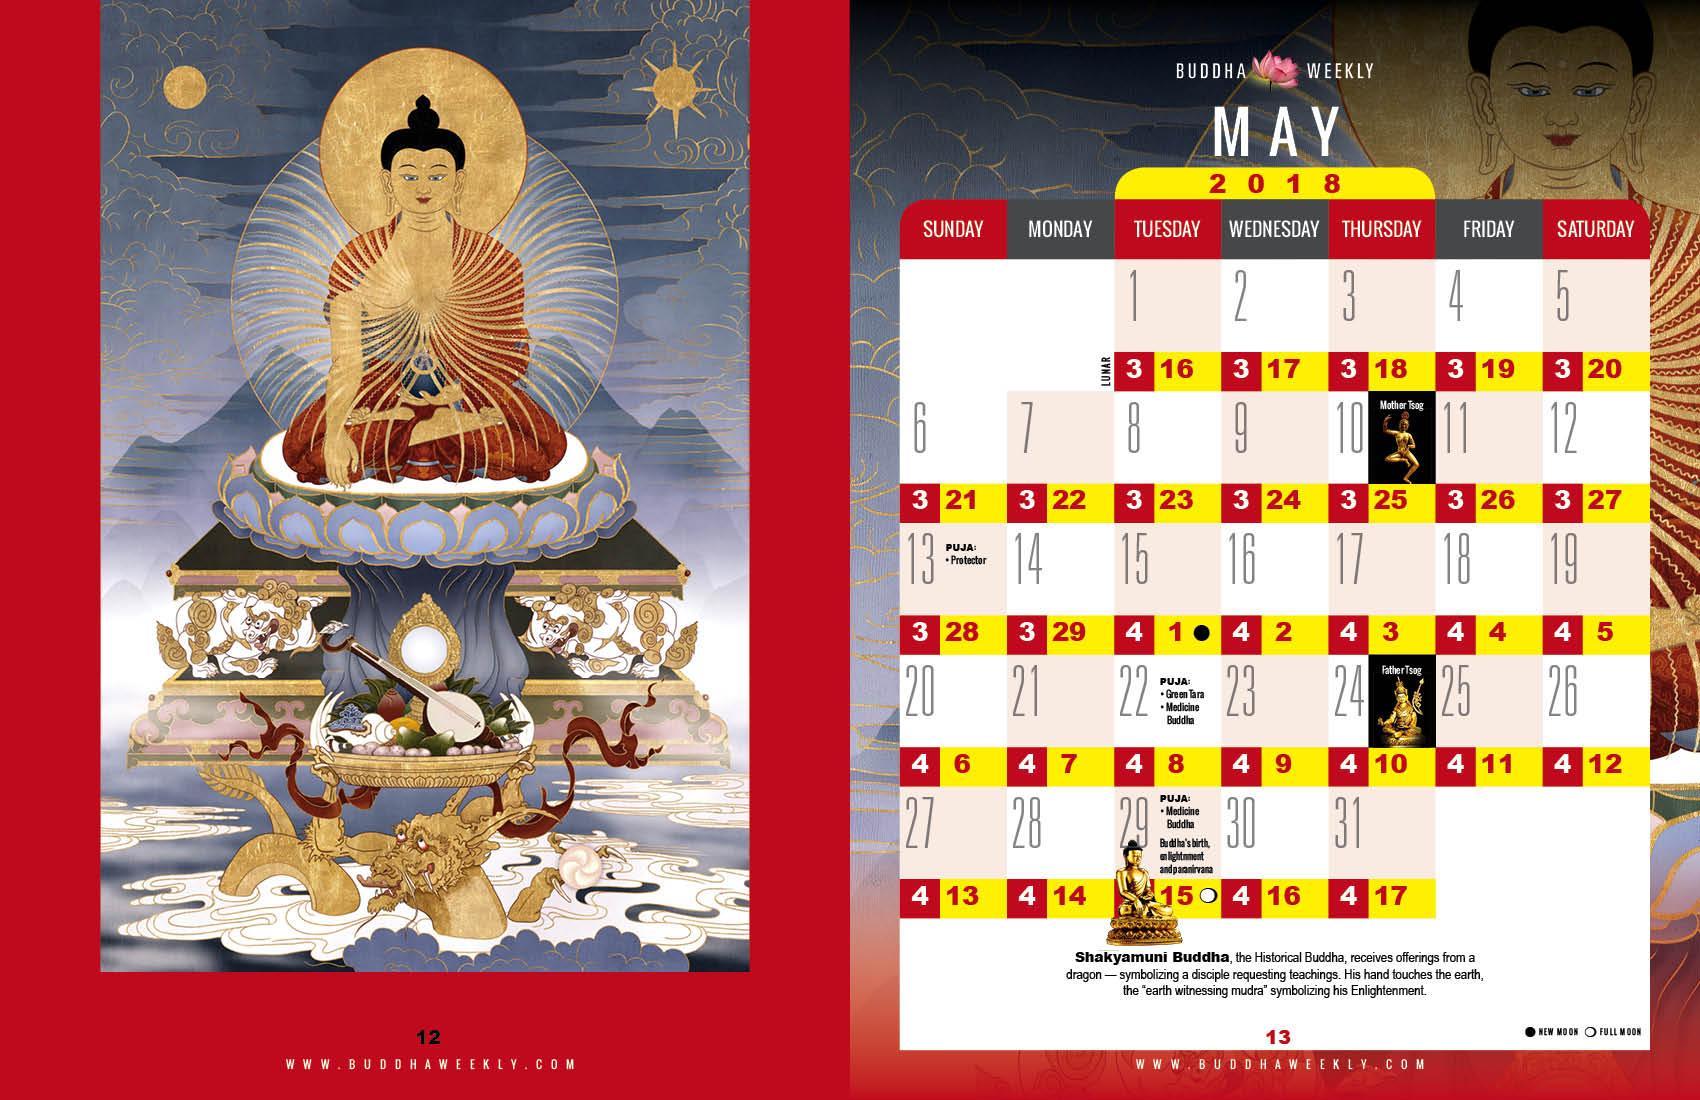 Lunar Calendar 2018 12 Buddha Weekly 5 May low 5